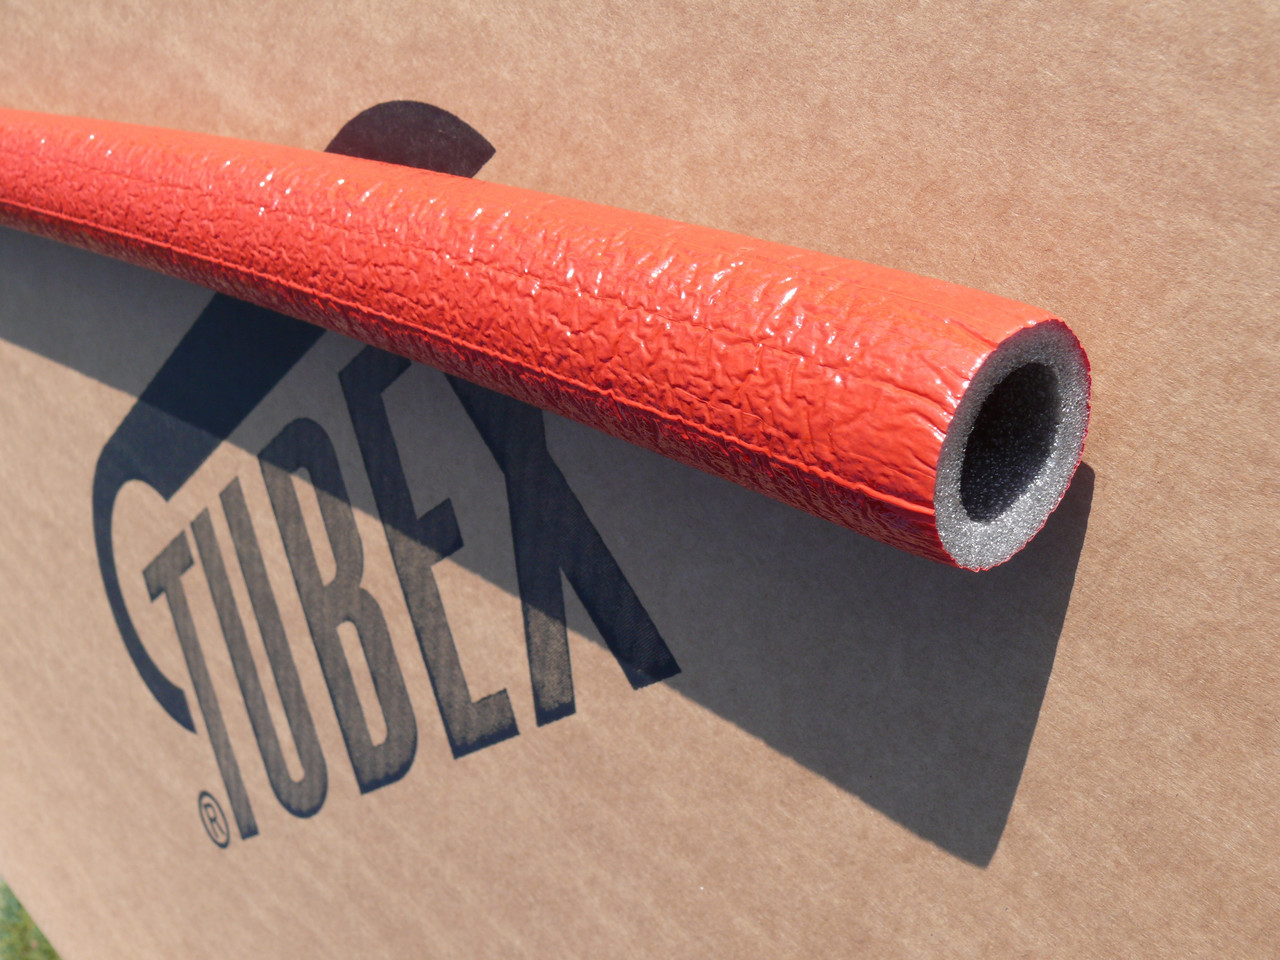 ІЗОЛЯЦІЯ ДЛЯ ТРУБ TUBEX® Protekt, внутрішній діаметр 35 мм, товщина стінки 6 мм, виробник Чехія